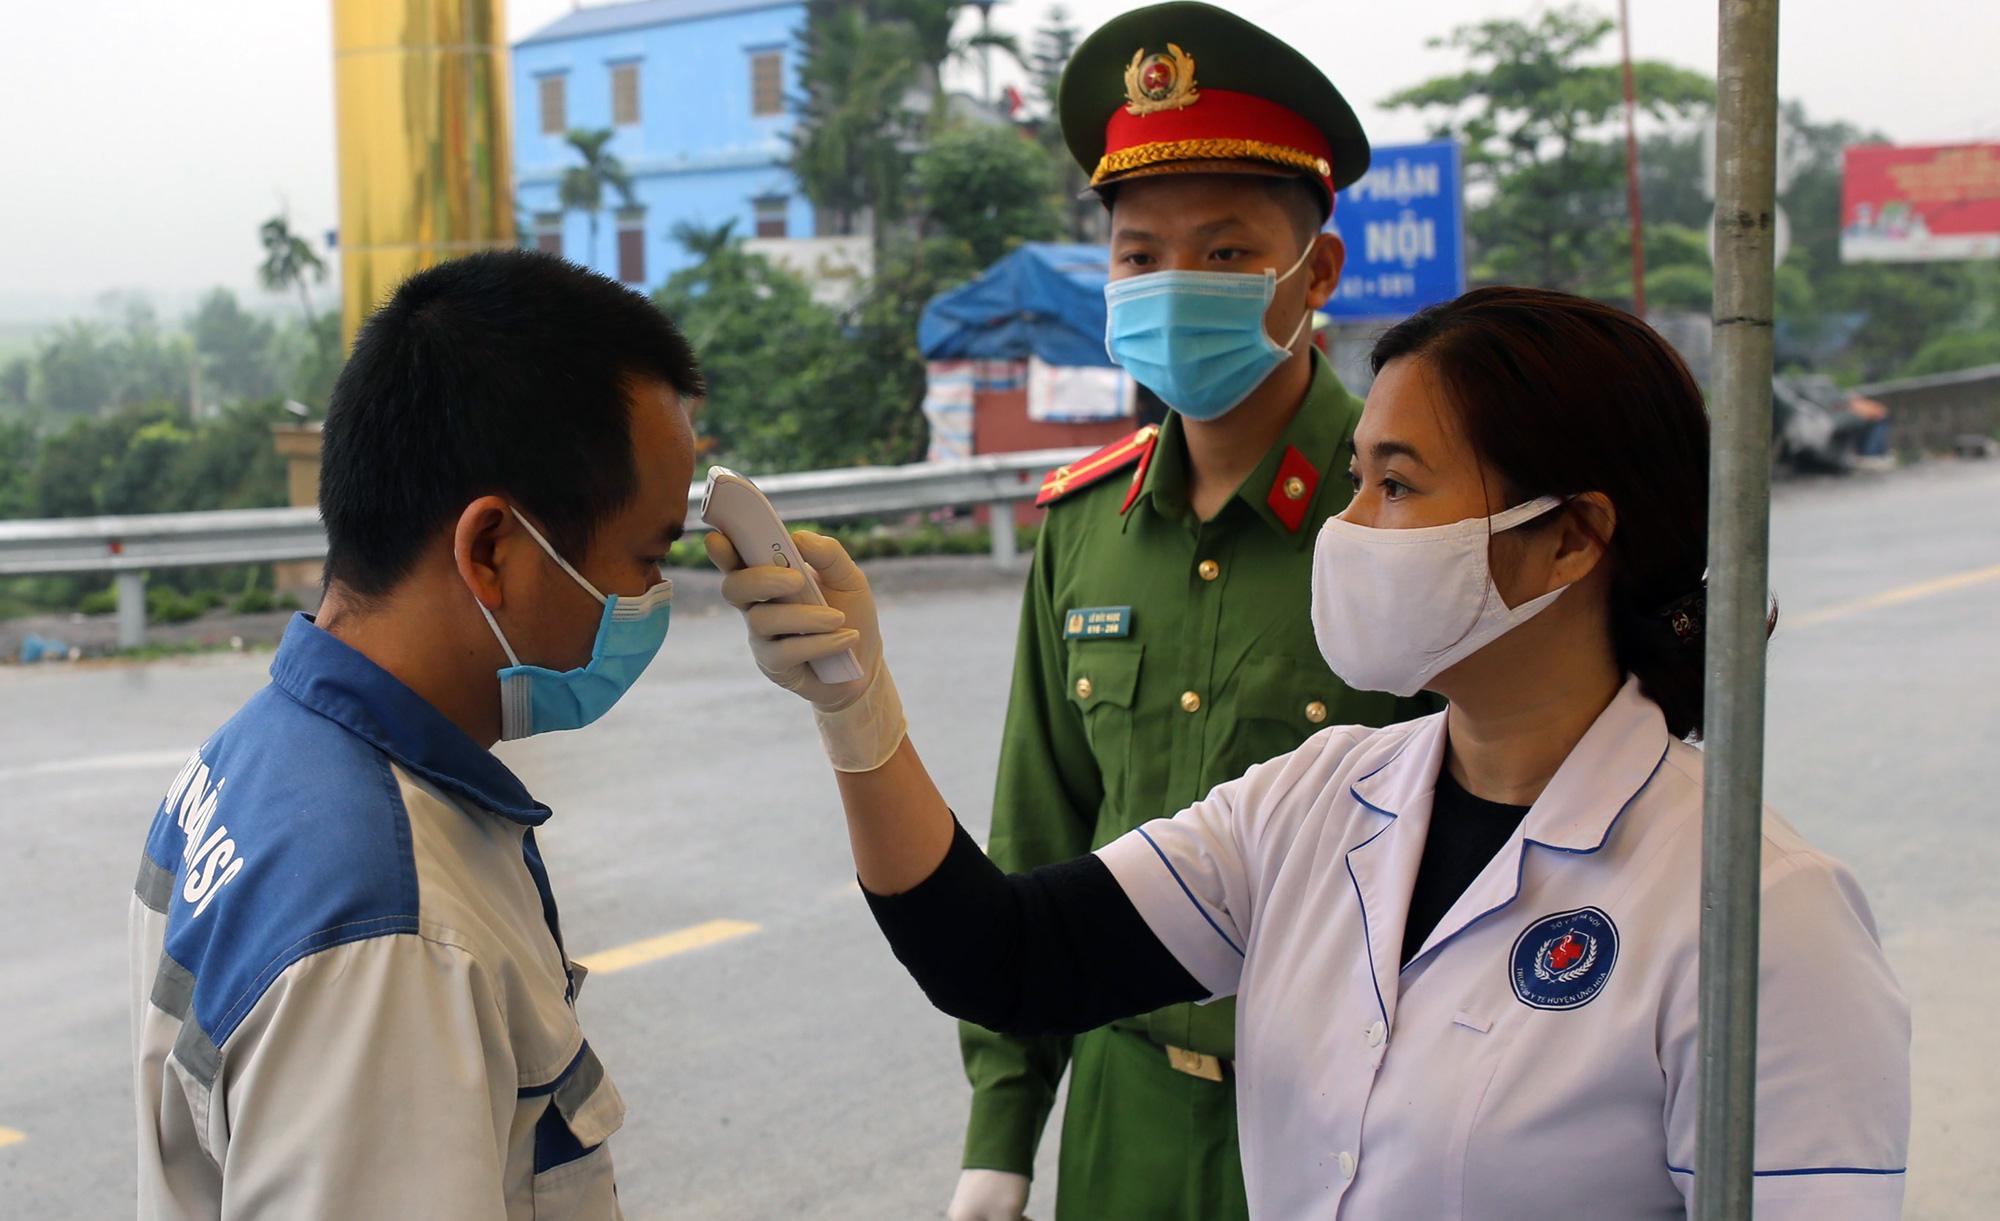 Chốt kiểm soát, giám sát cách li xã hội ở cửa ngõ Thủ đô Hà Nội hoạt động thế nào? - Ảnh 5.